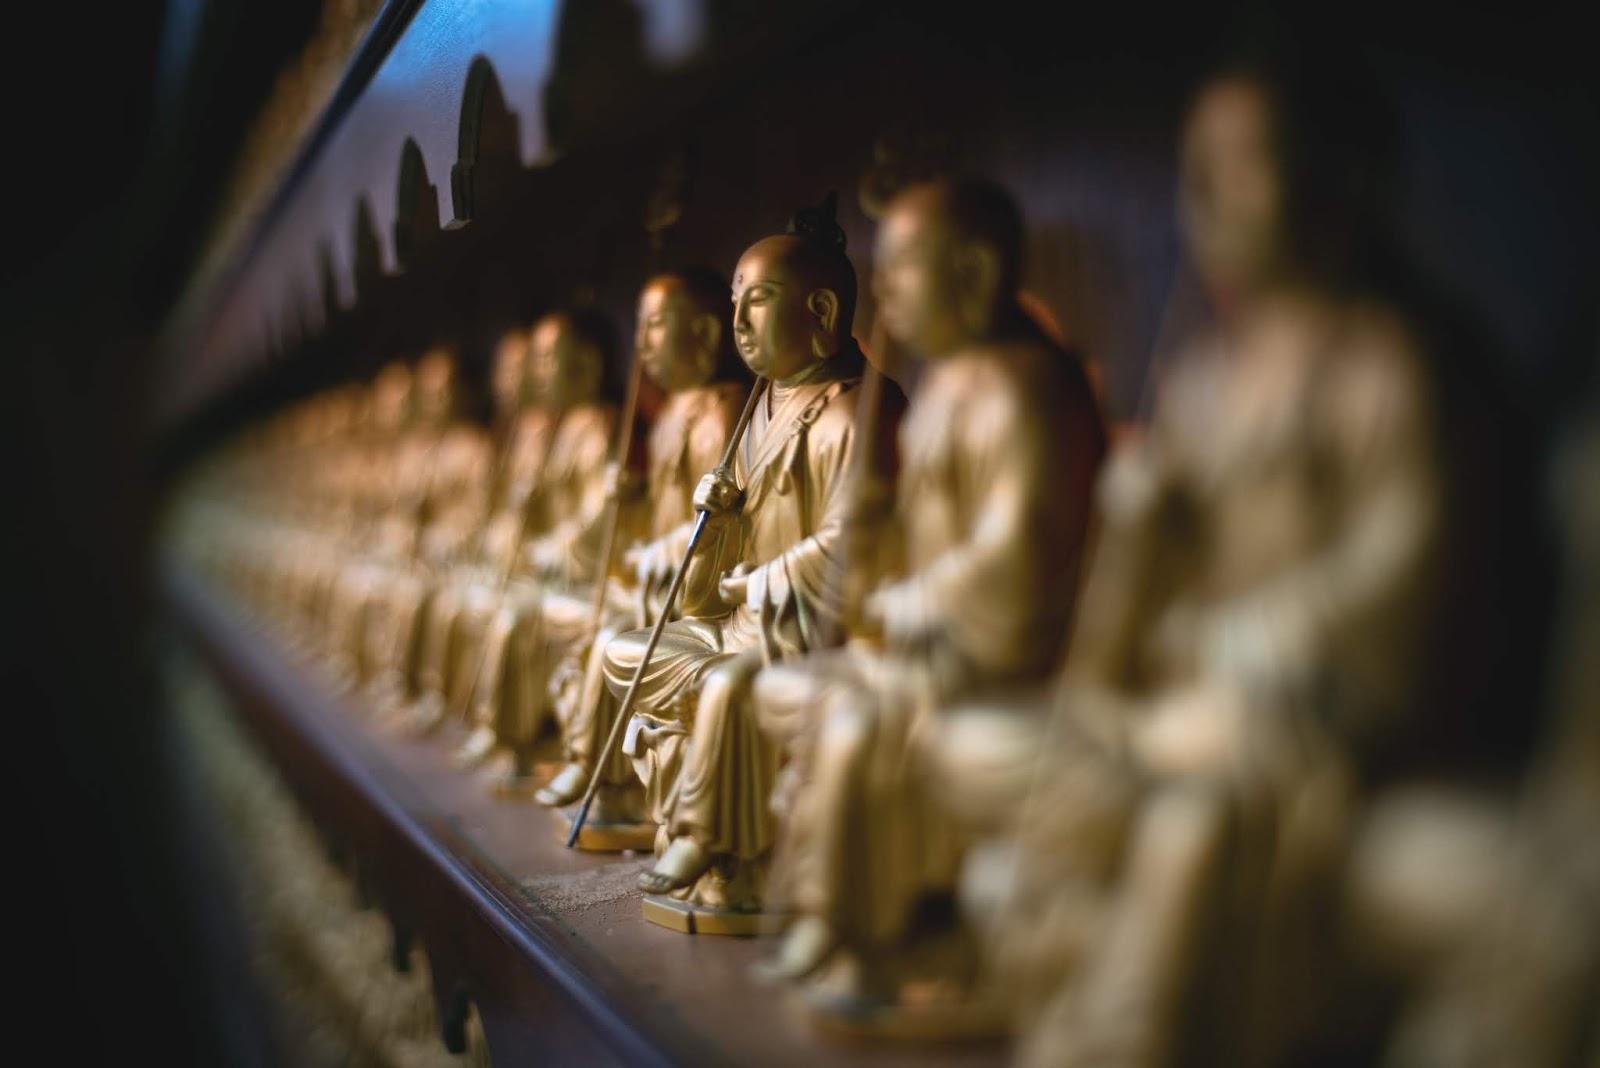 瑯琊閣: 正覺法義辨正:「真如」只是阿賴耶識的真實性?